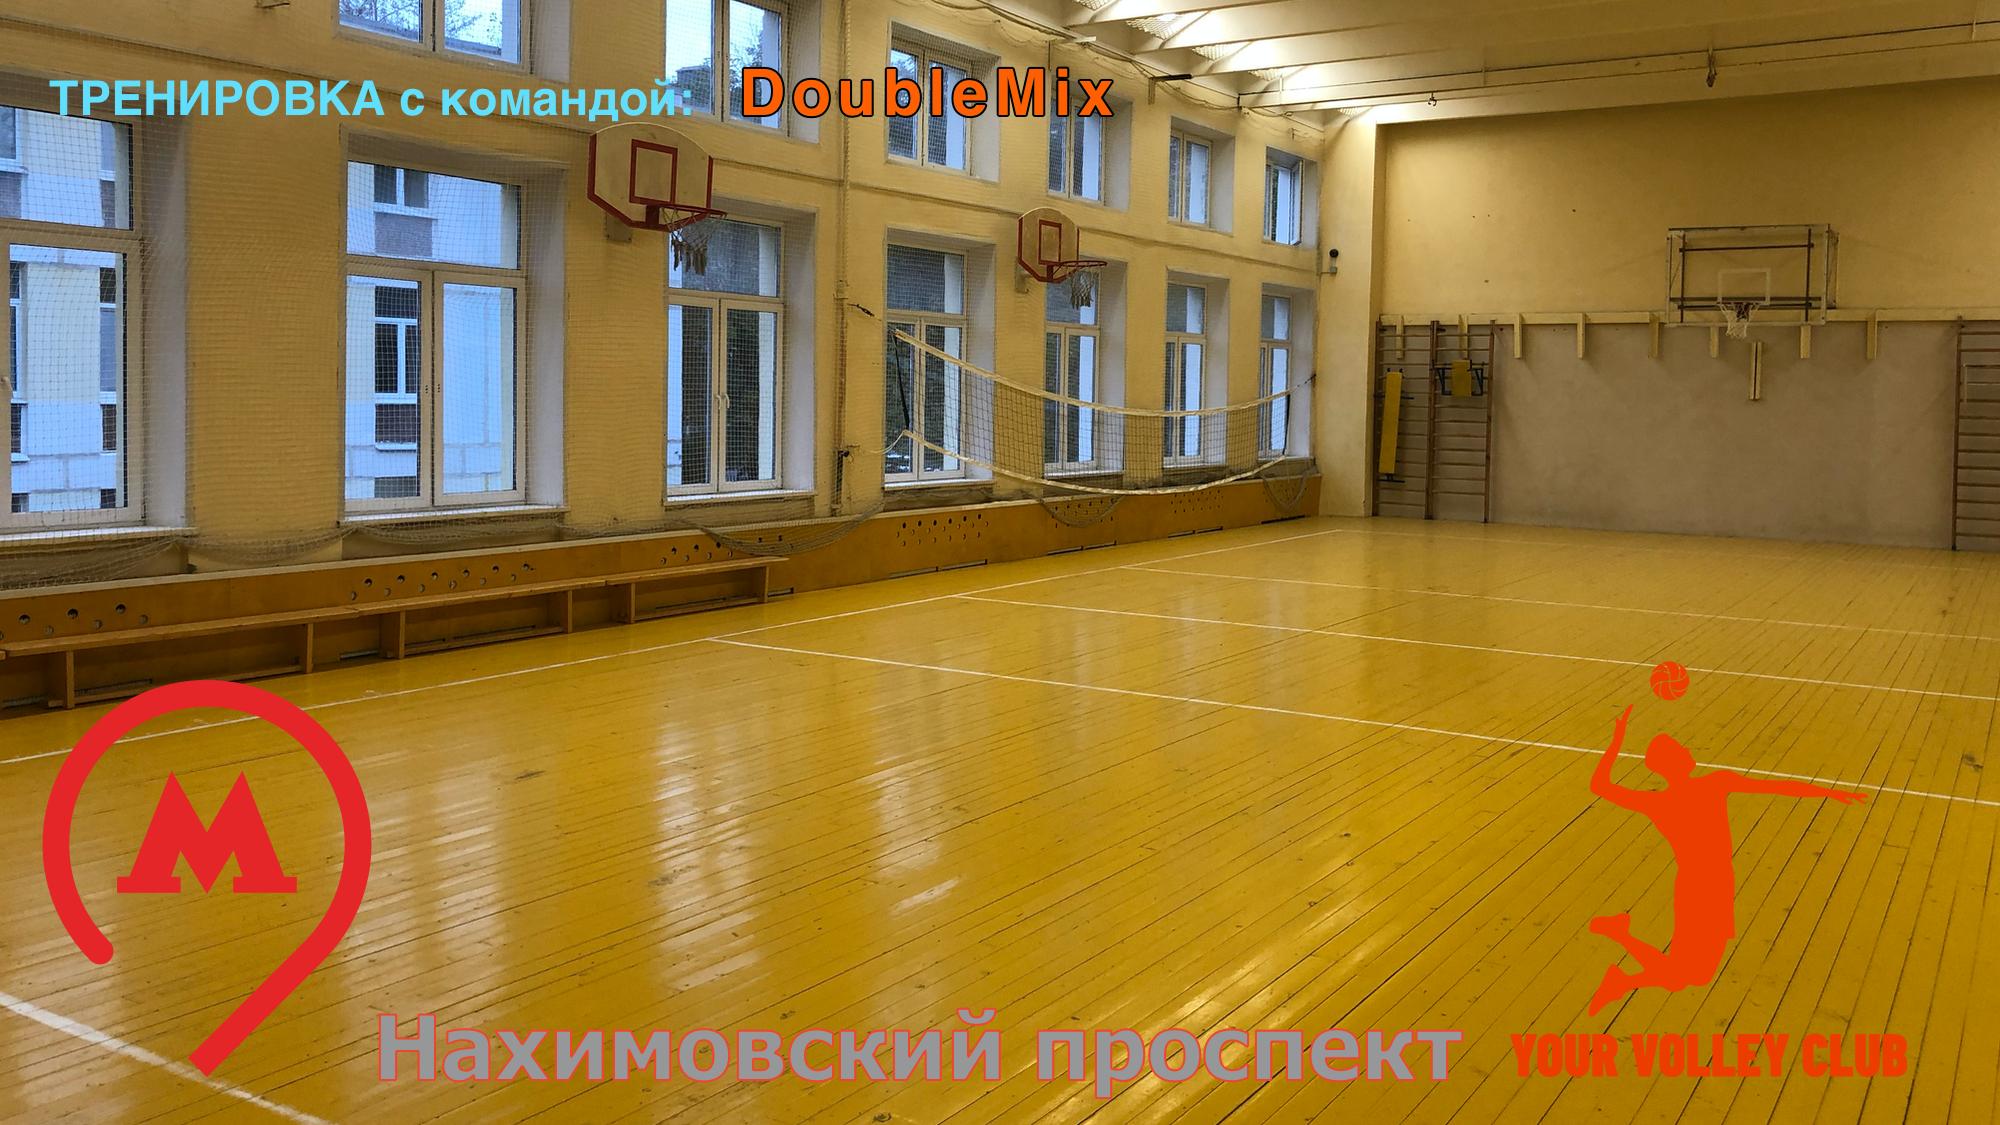 Нахимовский проспект - 2 ПЯТНИЦА